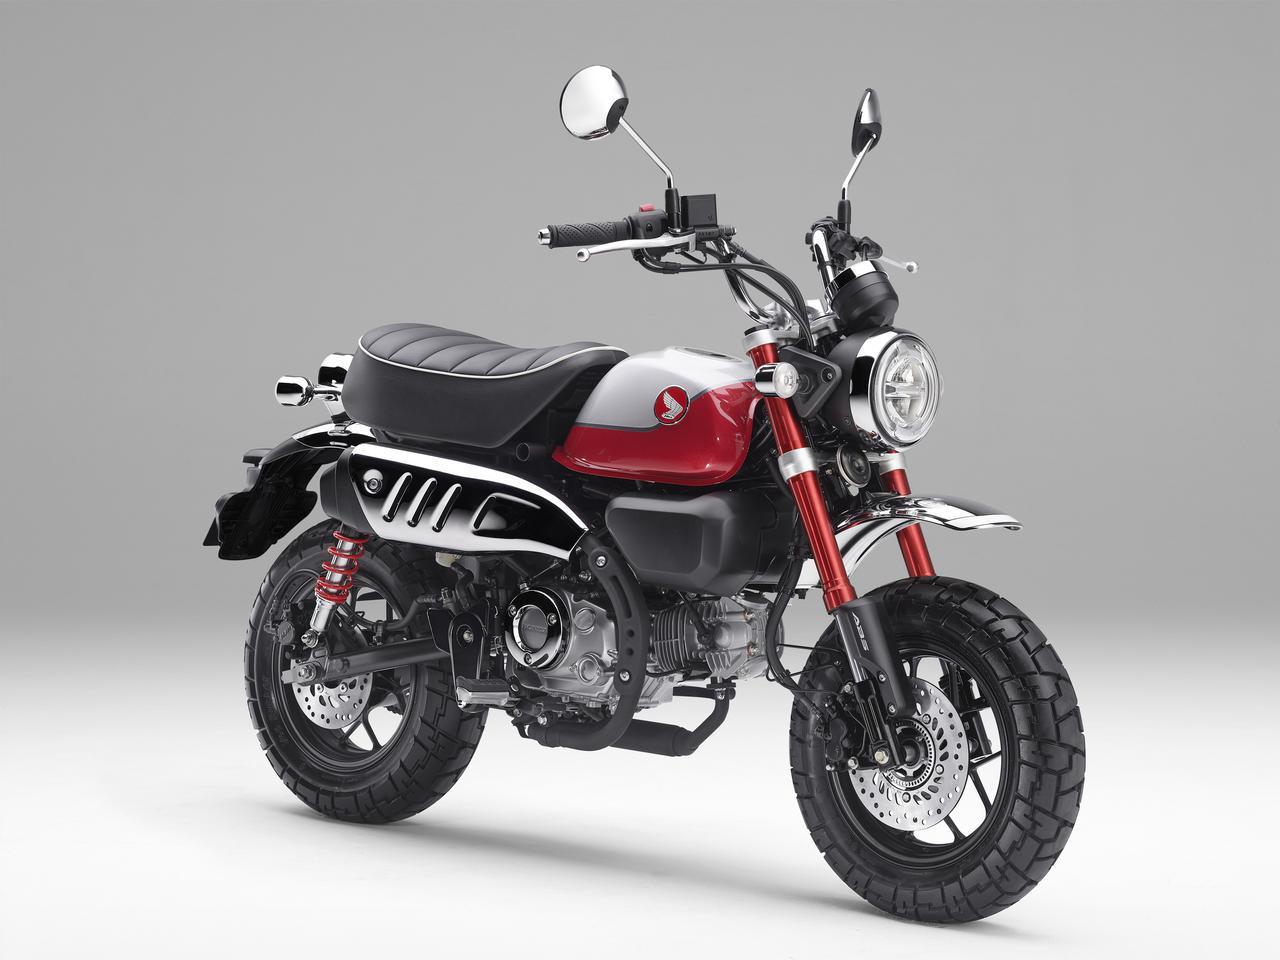 画像: Honda Monkey125 総排気量:123cc エンジン形式:空冷4ストOHC2バルブ単気筒 シート高:776mm 車両重量:104kg